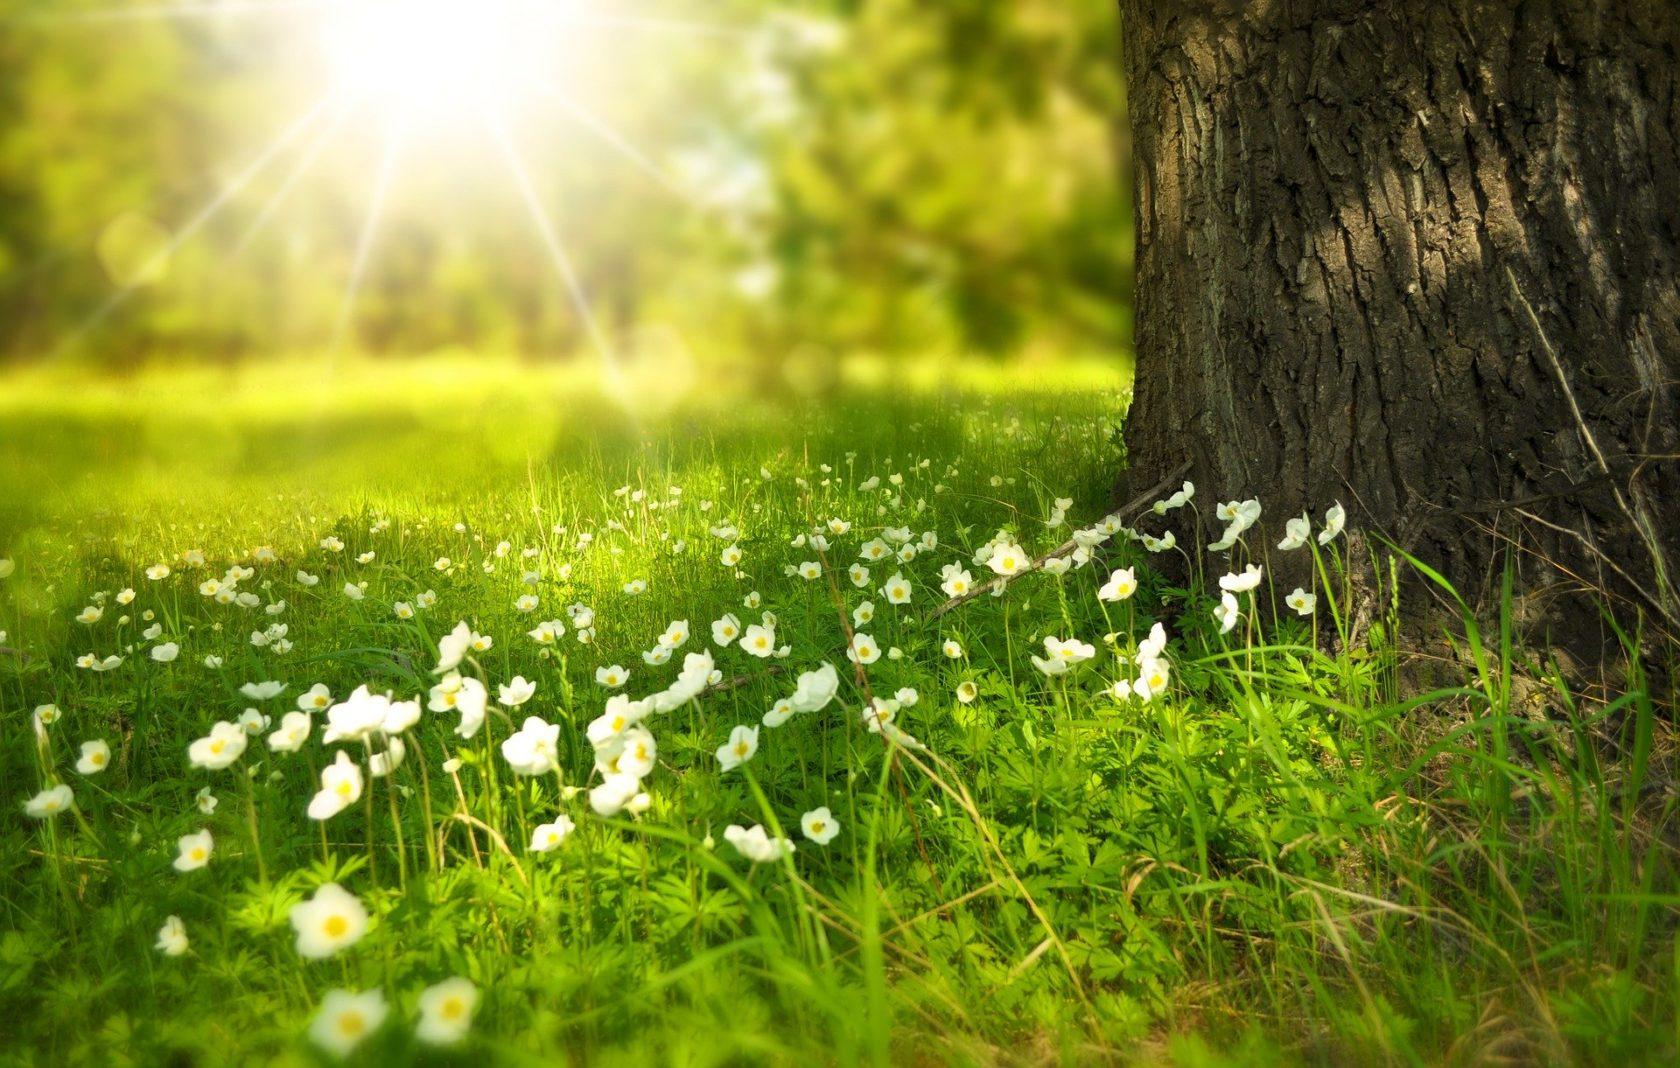 spring-276014 1920 (1)